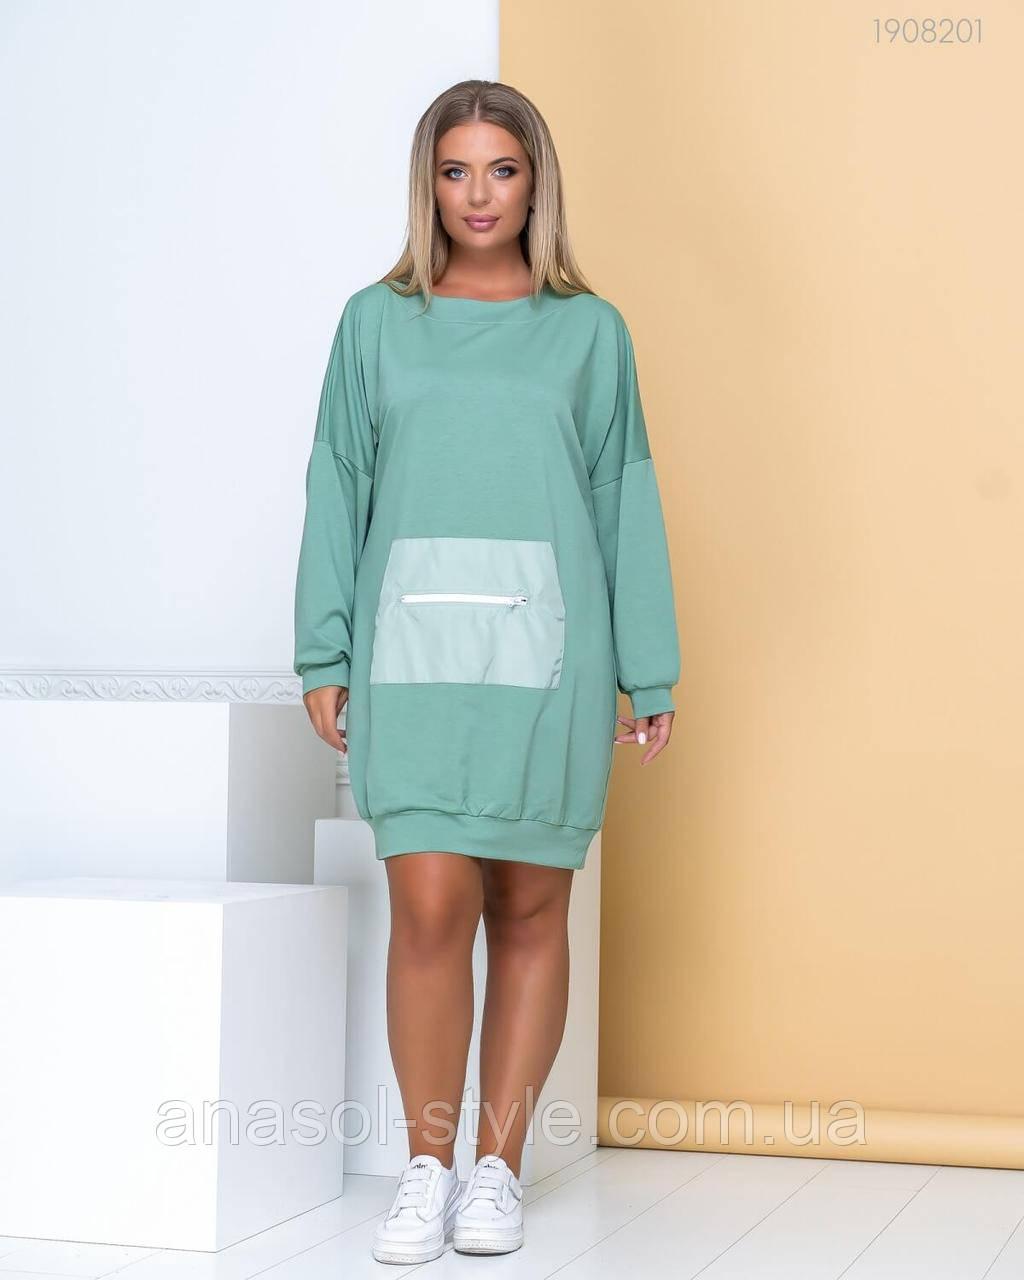 Платье Спорт - шик №15 (оливковый) 1908201